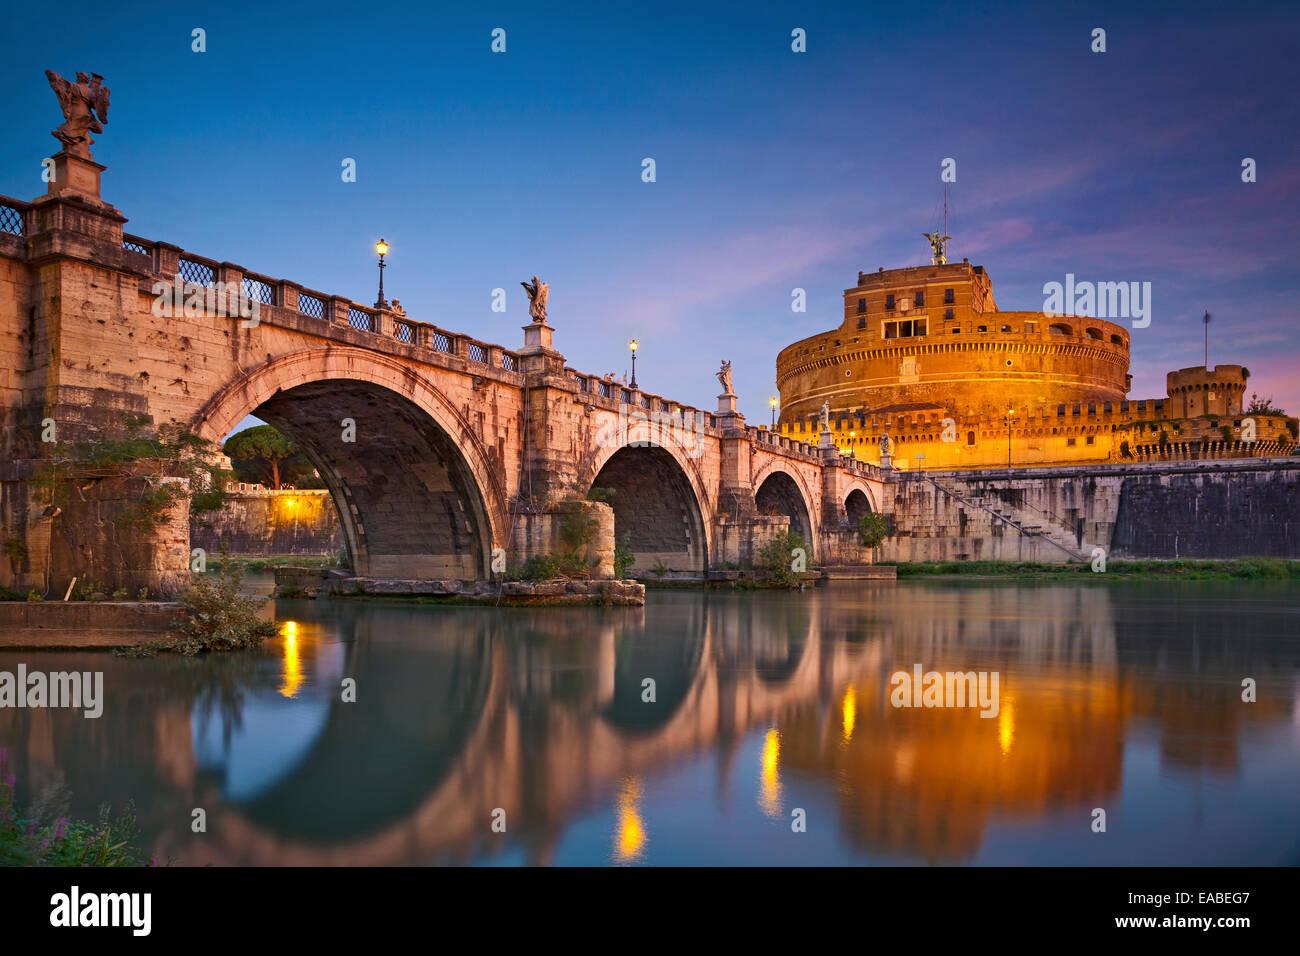 Roma. Imagen de el Castillo del Santo Ángel y Santo Ángel Puente sobre el río Tíber en Roma Imagen De Stock